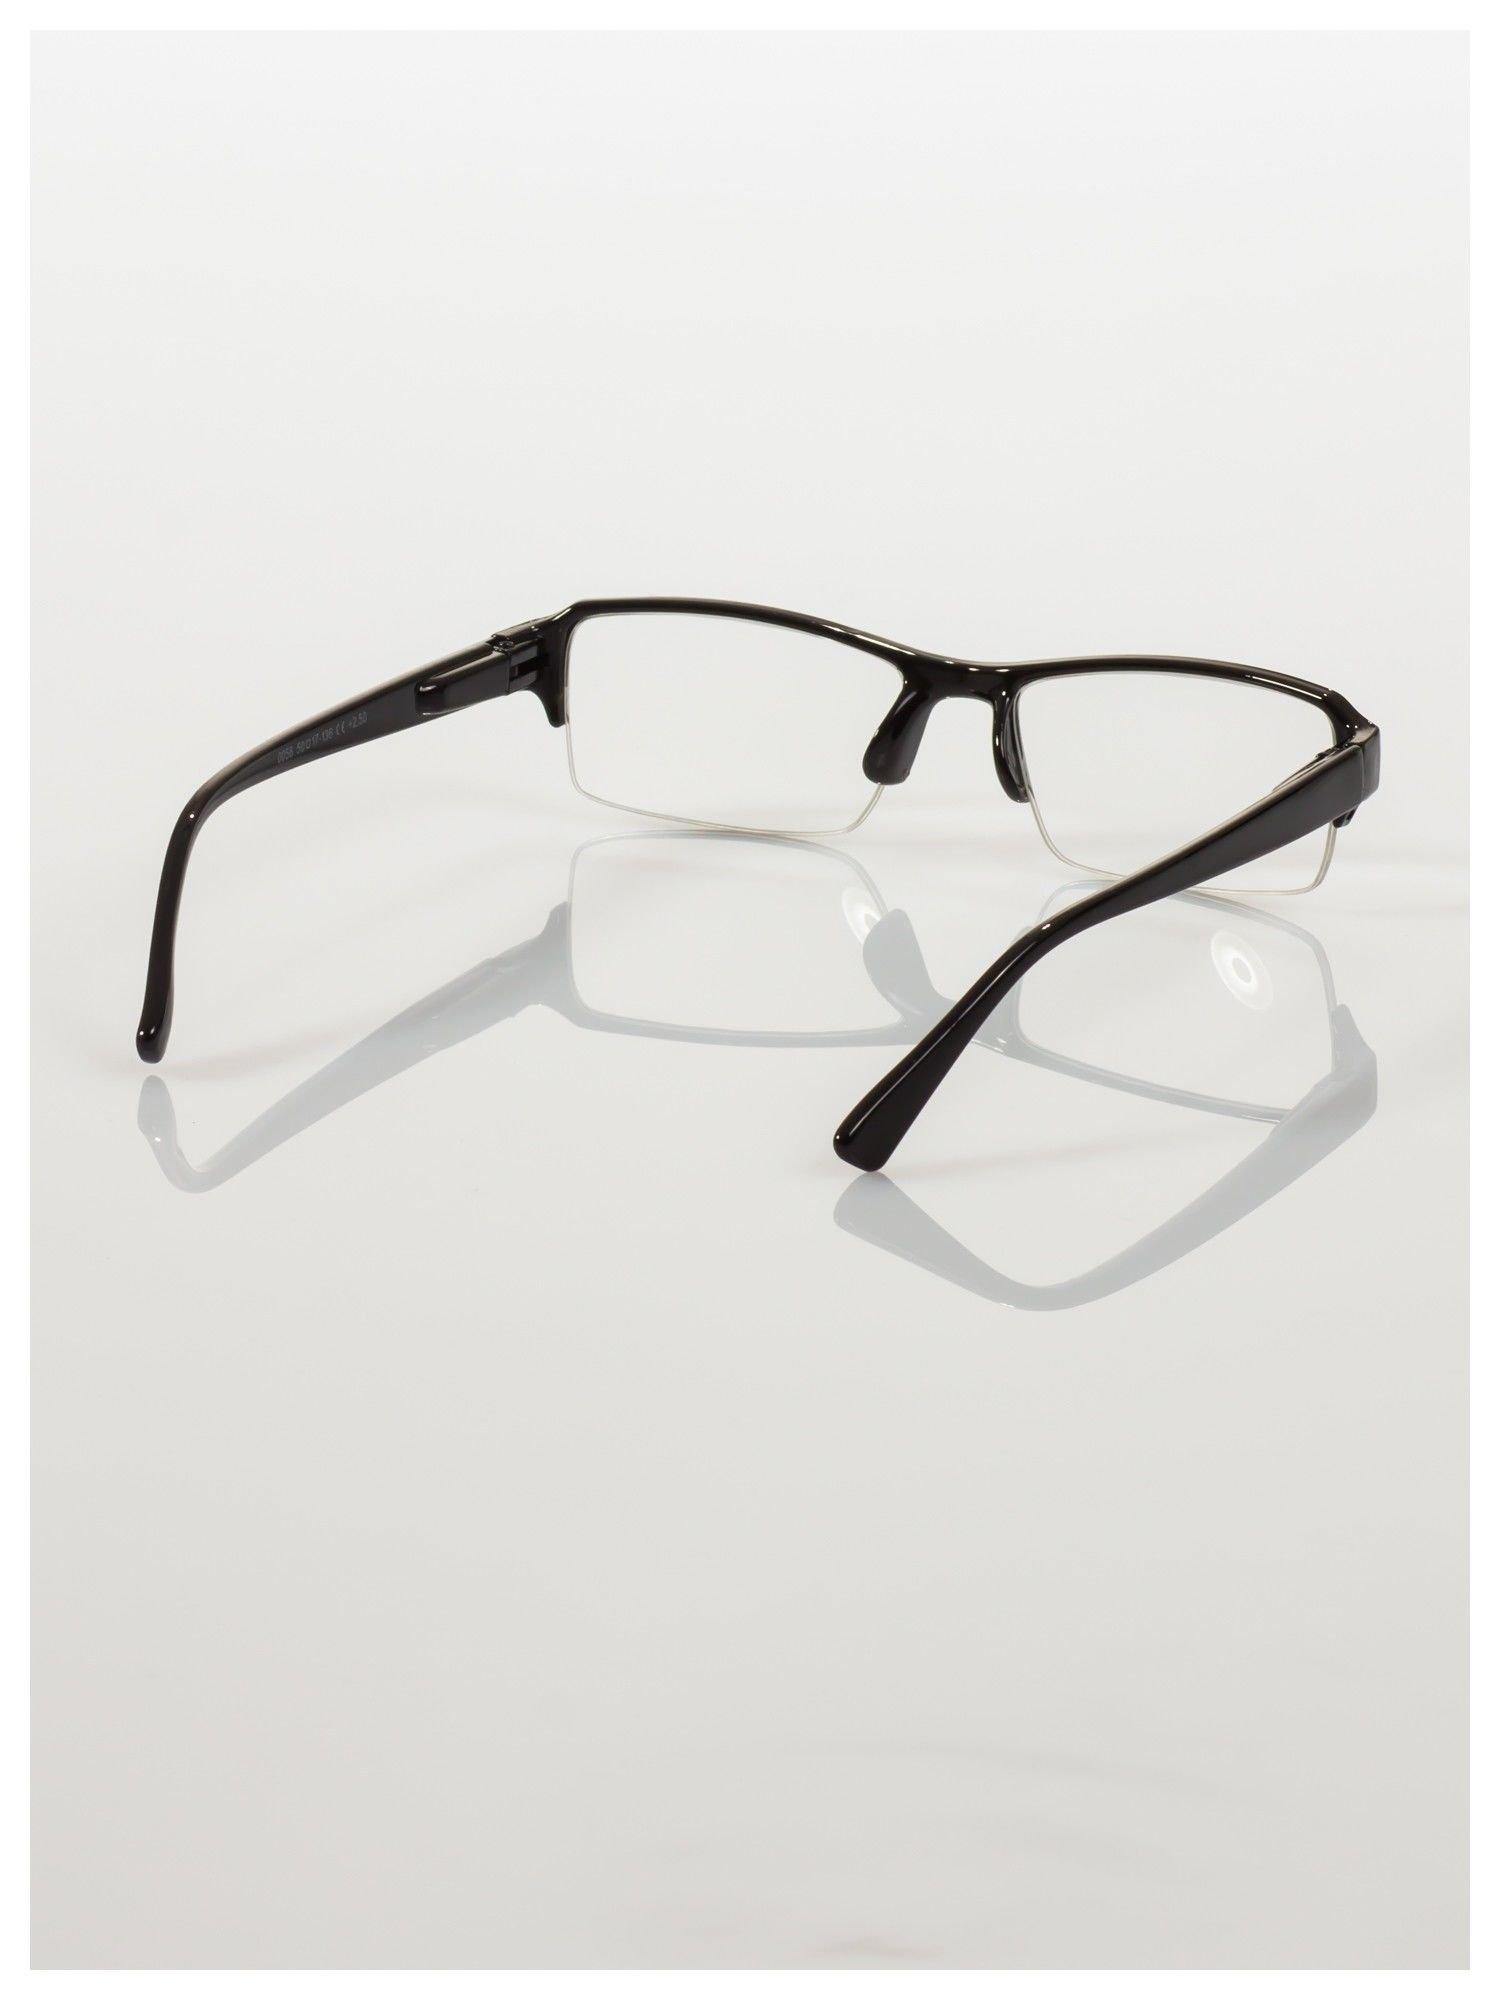 Okulary korekcyjne +3.5 D do czytania z systemem FLEX na zausznikach +GRATIS PLASTIKOWE ETUI I ŚCIERECZKA Z MIKROFIBRY                                  zdj.                                  4